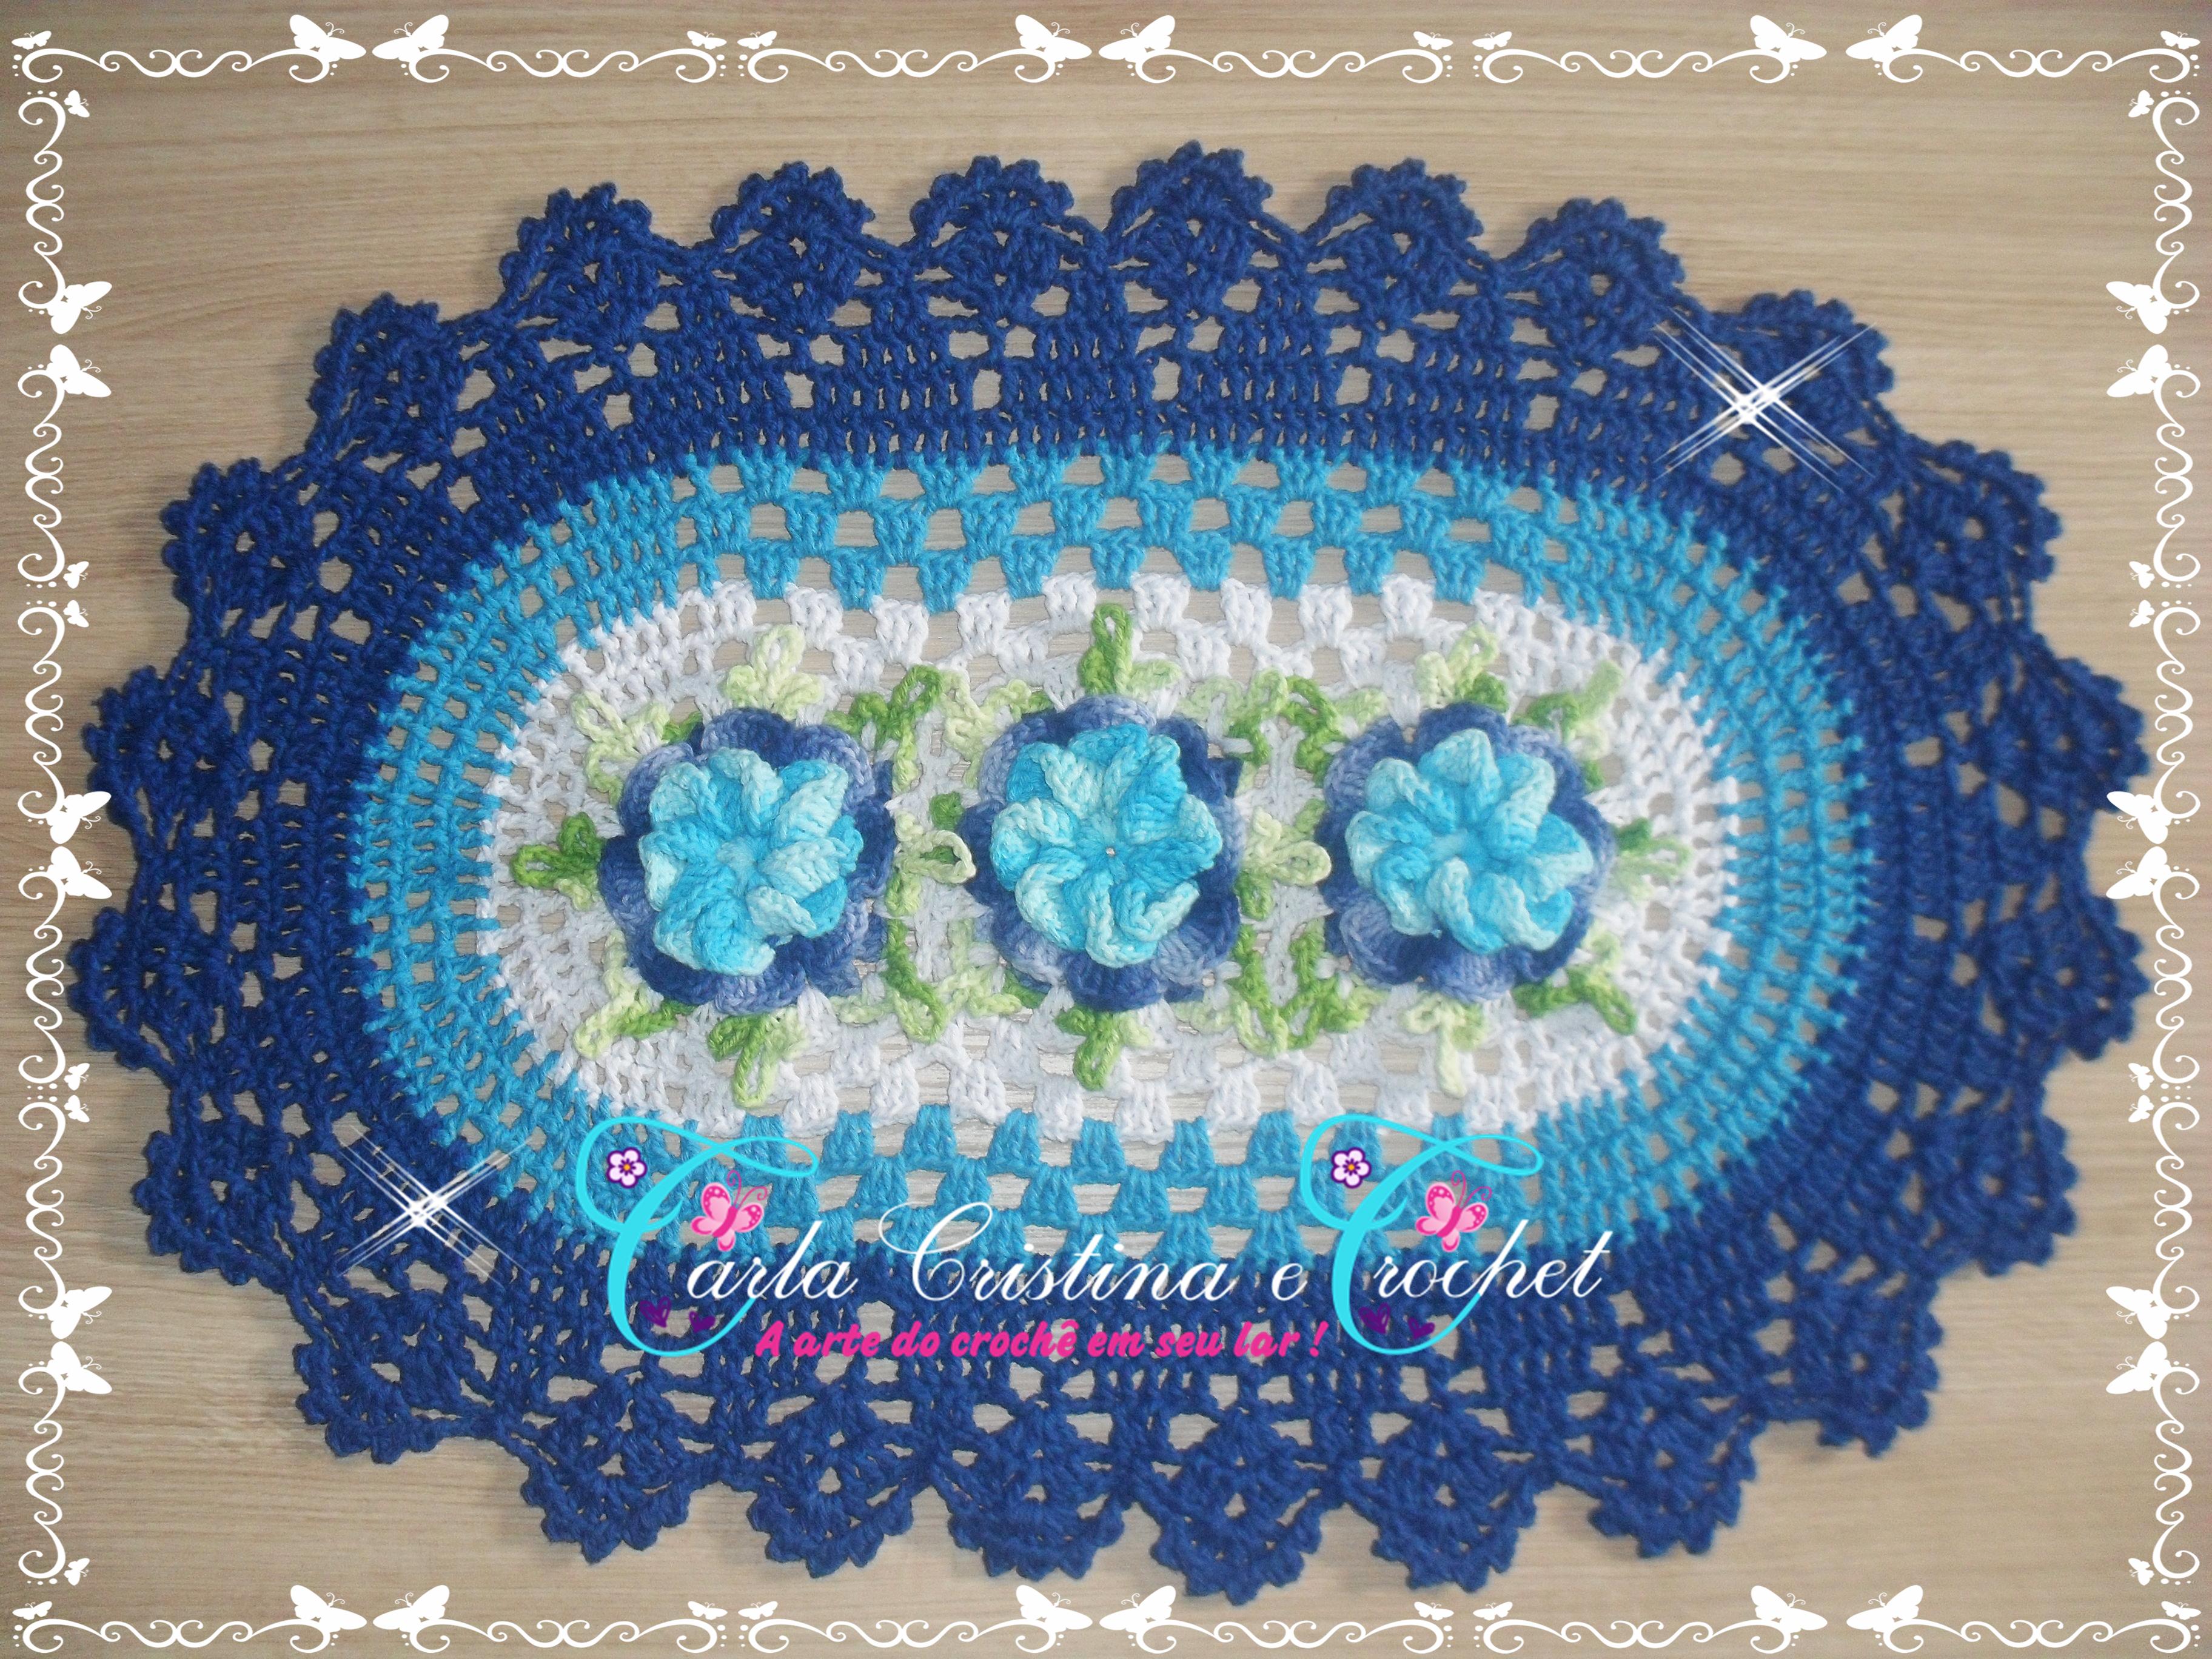 Tapete em Barbante Flor Caracol Azul carla cristina e crochet Elo7 #218EAA 3648x2736 Banheiro Azul E Verde